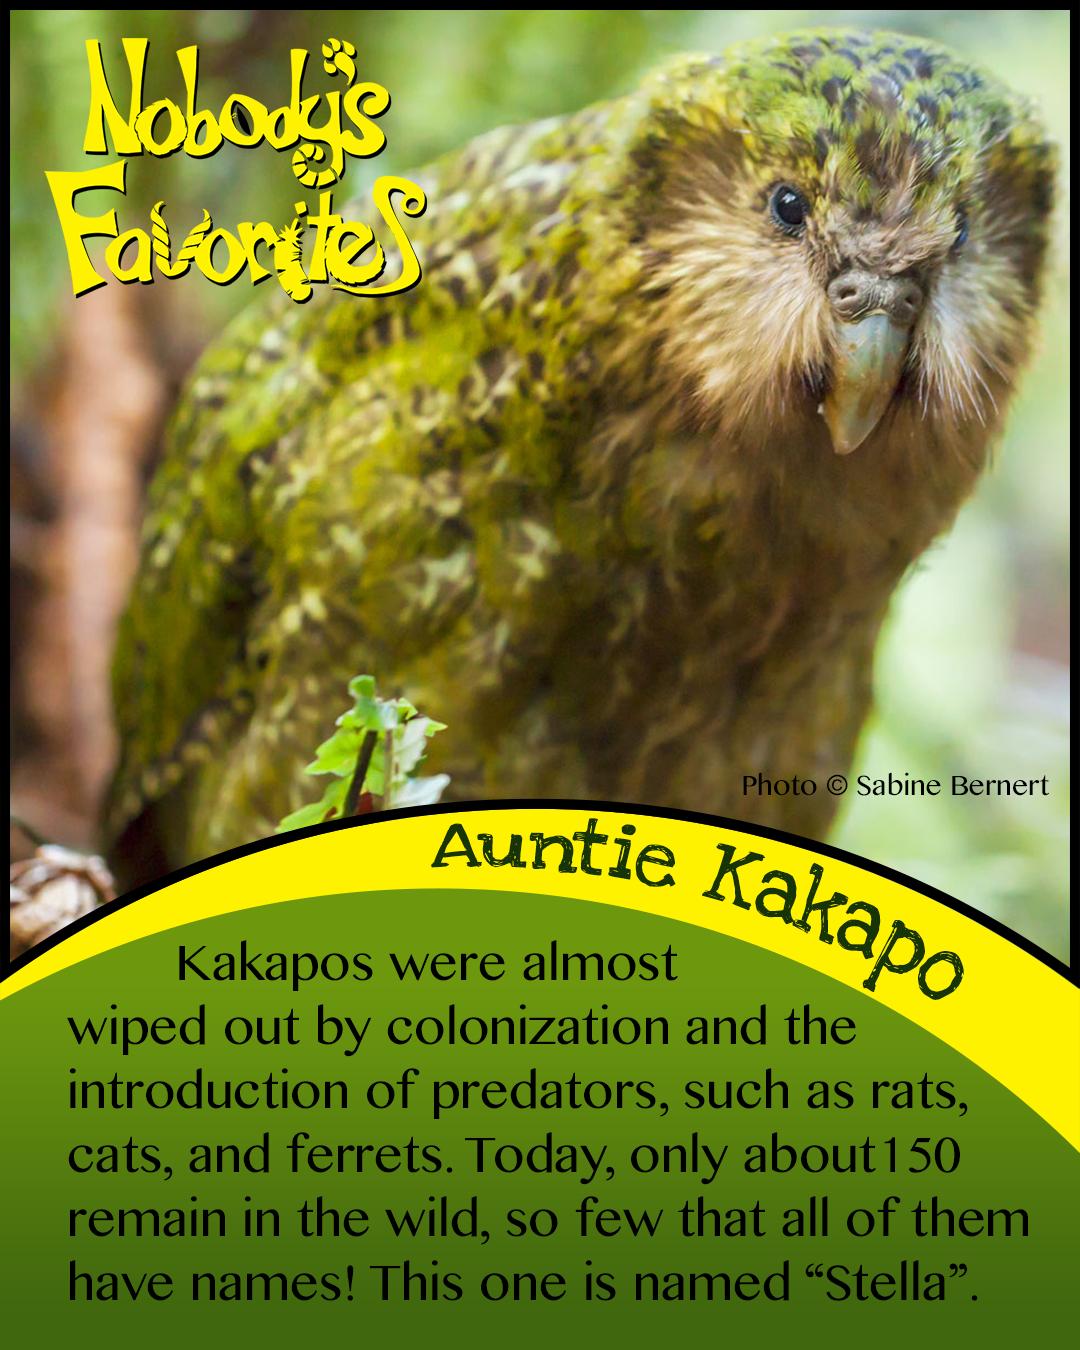 Auntie Kakapo Conservation